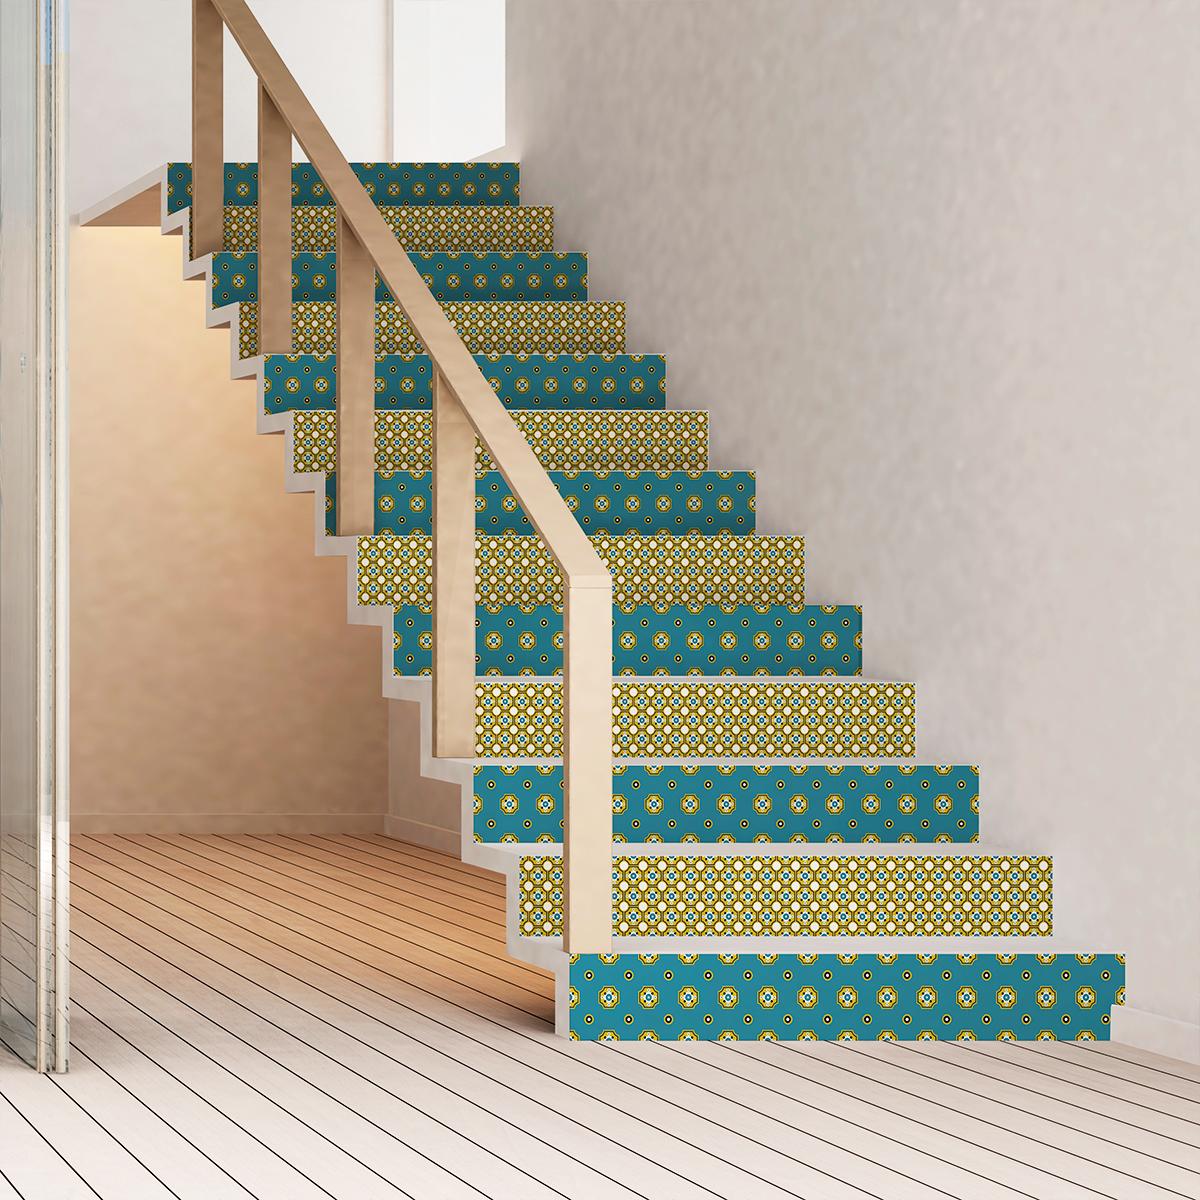 stickers escalier carreaux de ciment oglavee x 2 ambiance. Black Bedroom Furniture Sets. Home Design Ideas